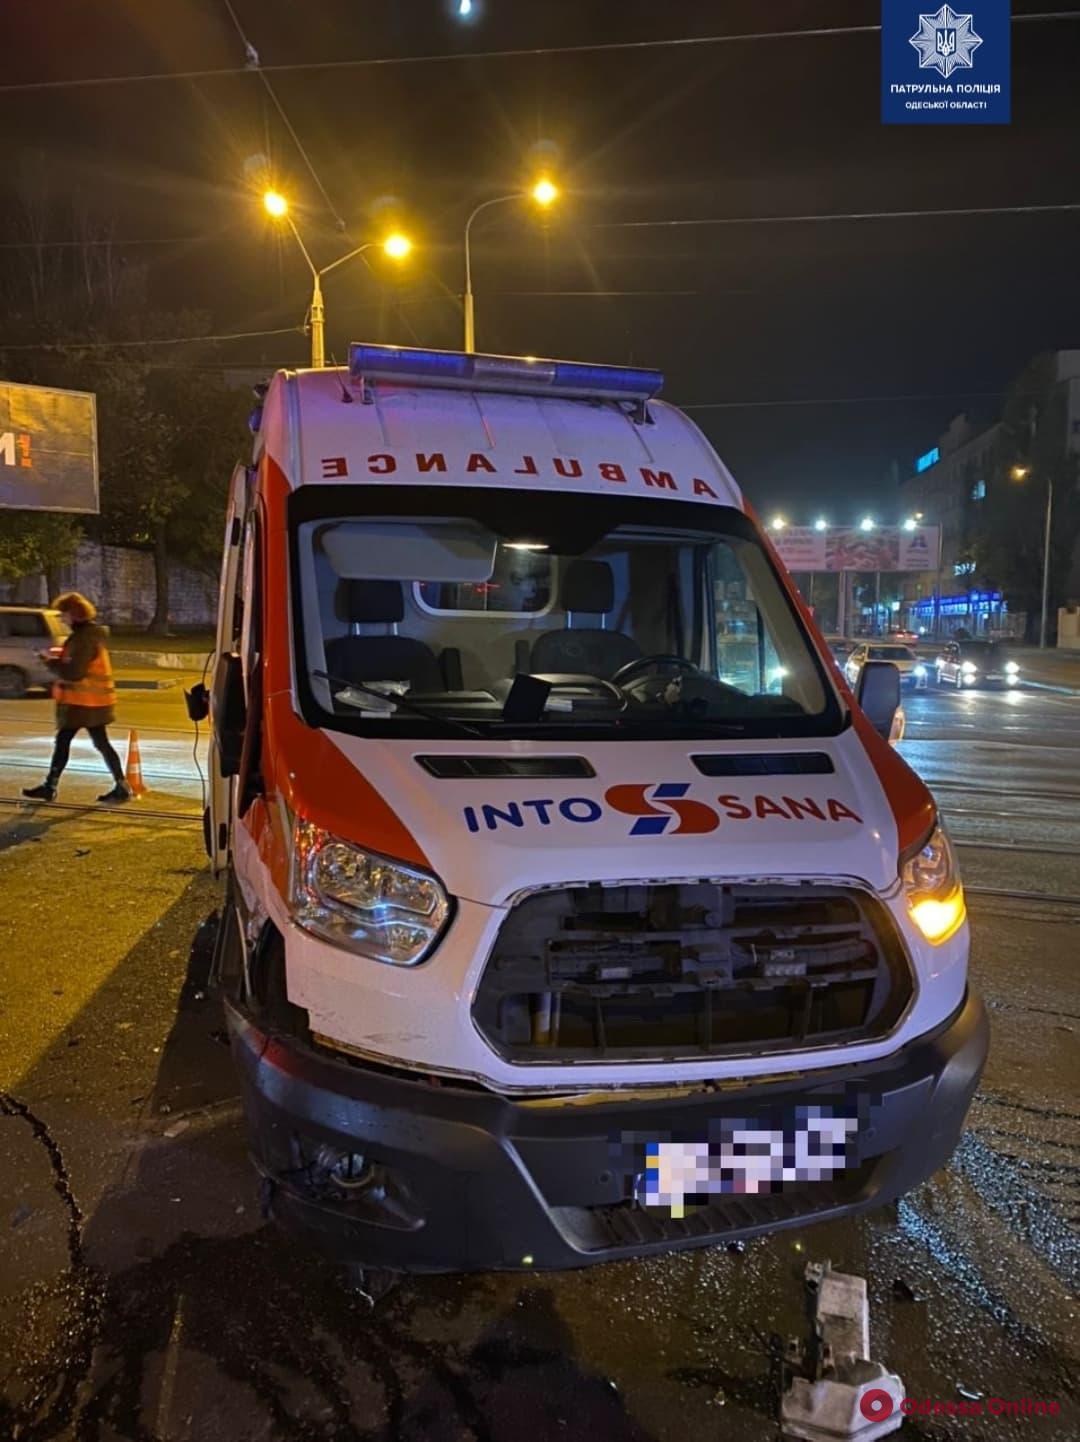 В Одессе «скорая» столкнулась с «Лексусом» и перевернулась — есть пострадавшие (фото, видео, обновляется)